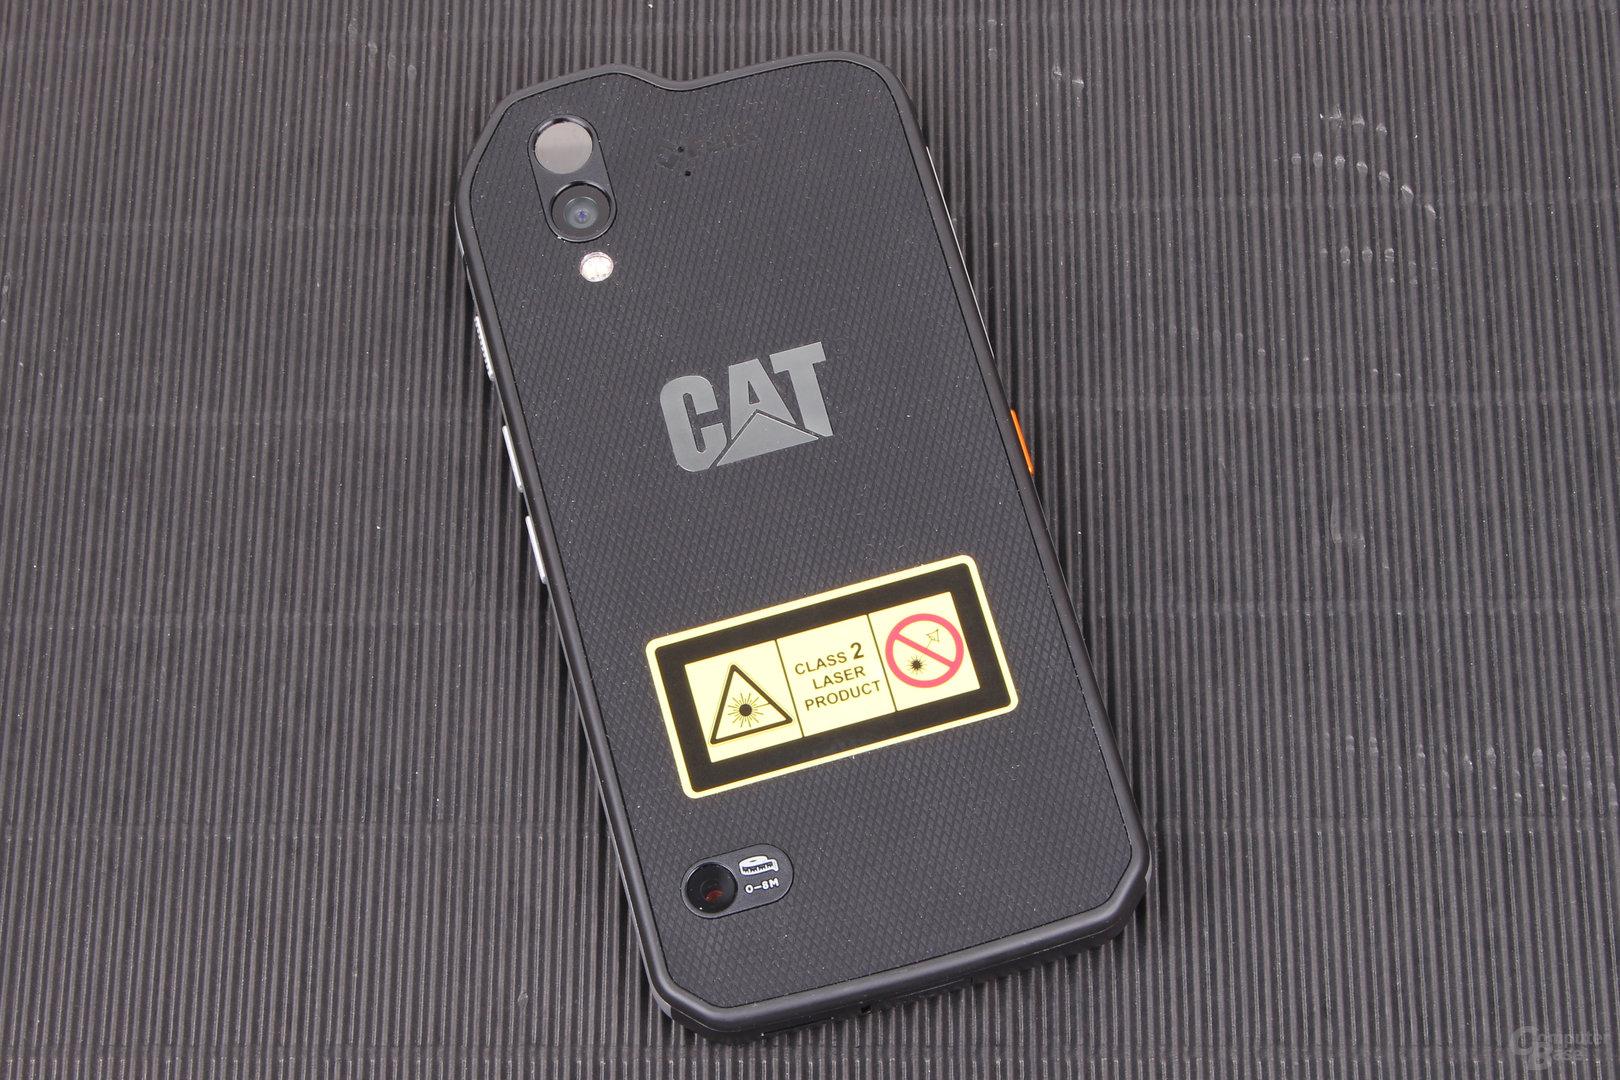 Laser Entfernungsmesser Smartphone : Bilder cat s im test dieses smartphone misst bis °c